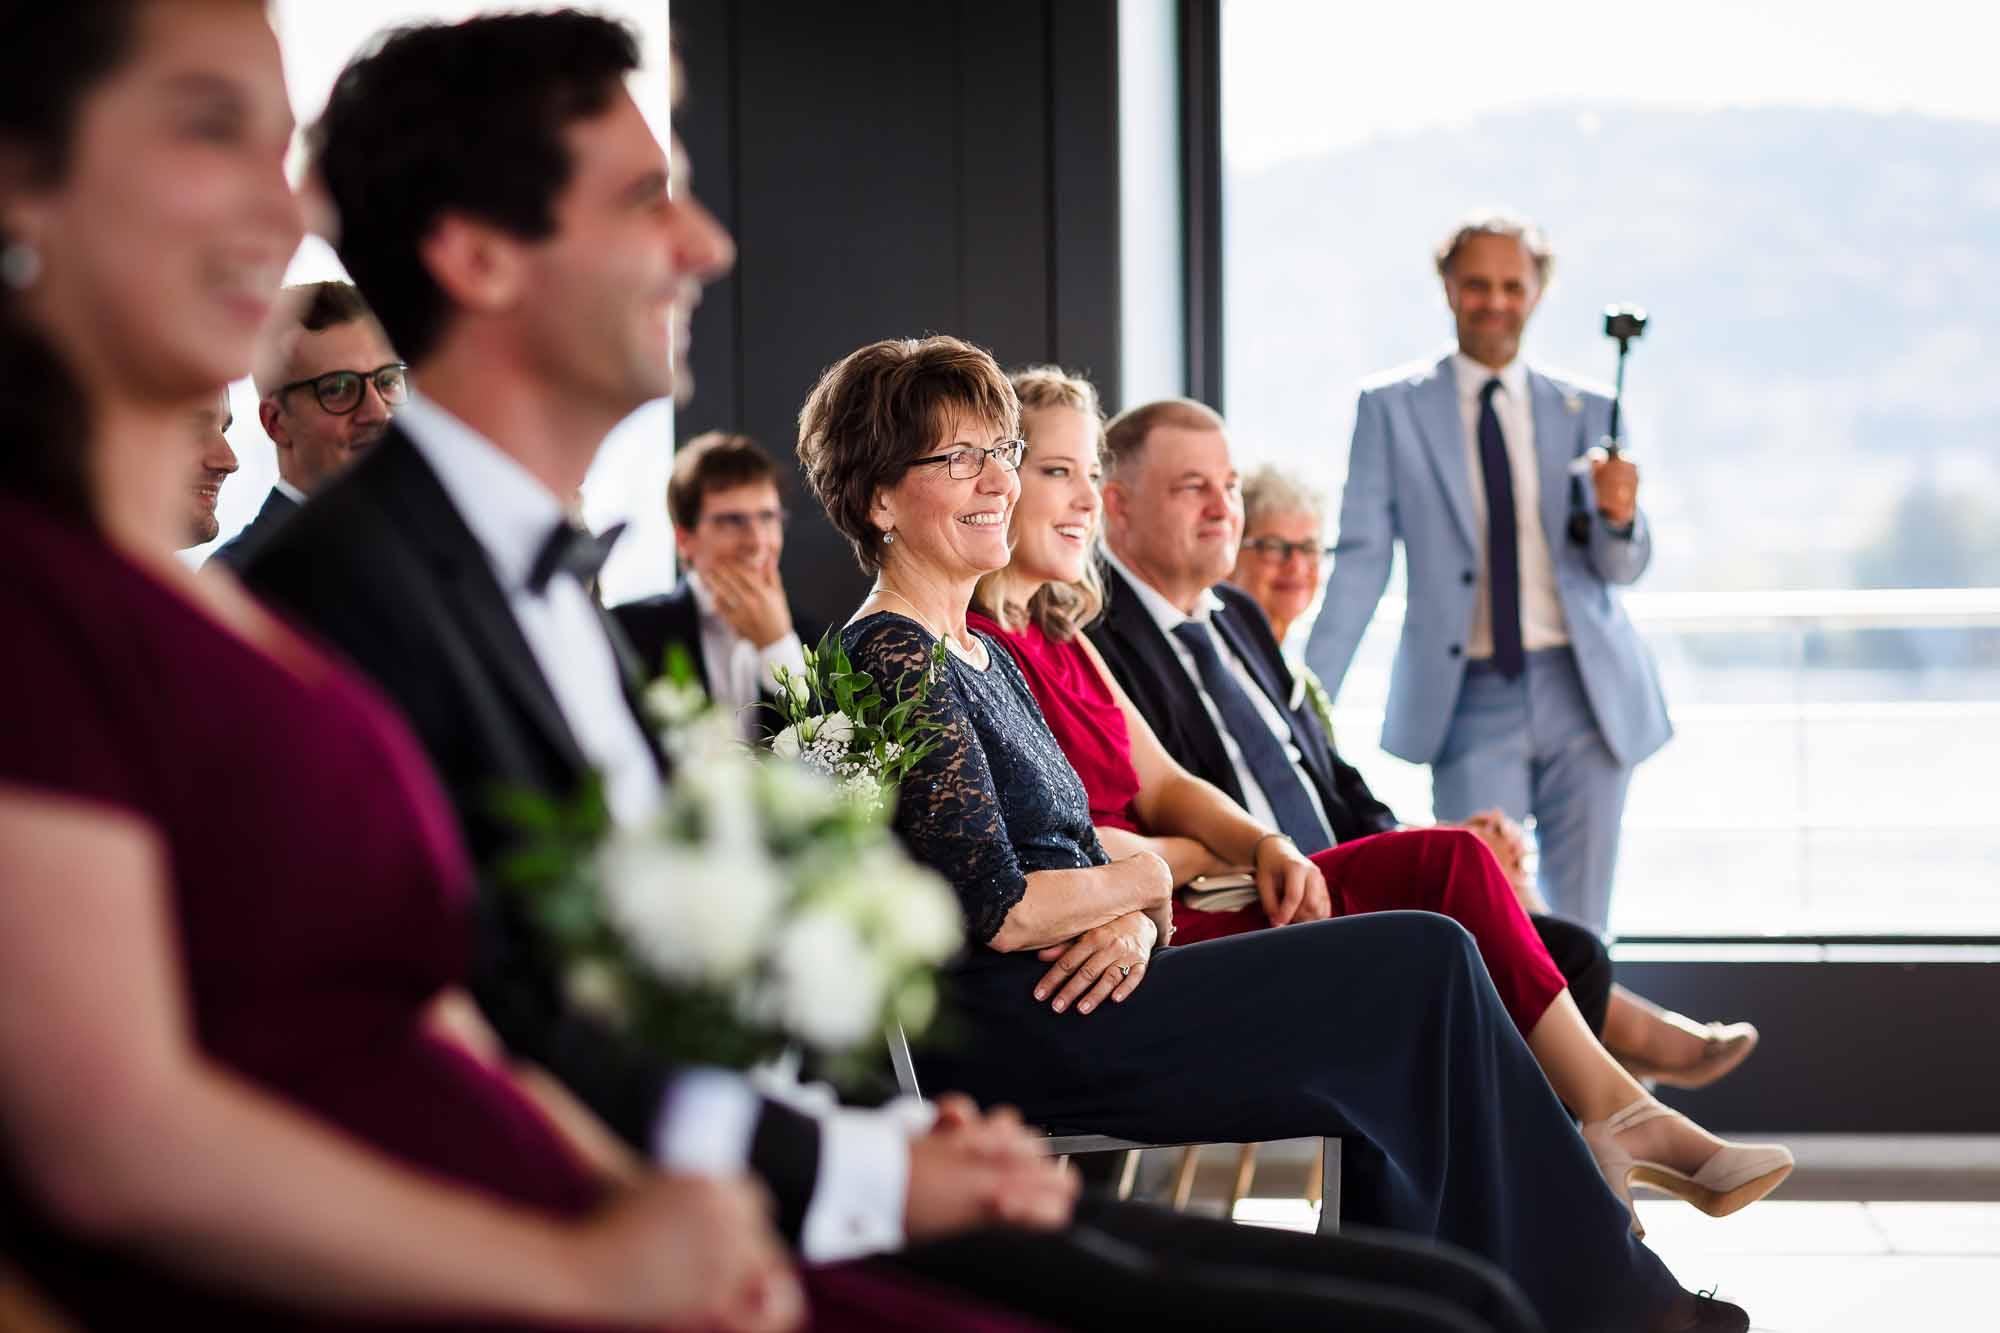 Gäste an Hochzeitszeremonie auf Schiff